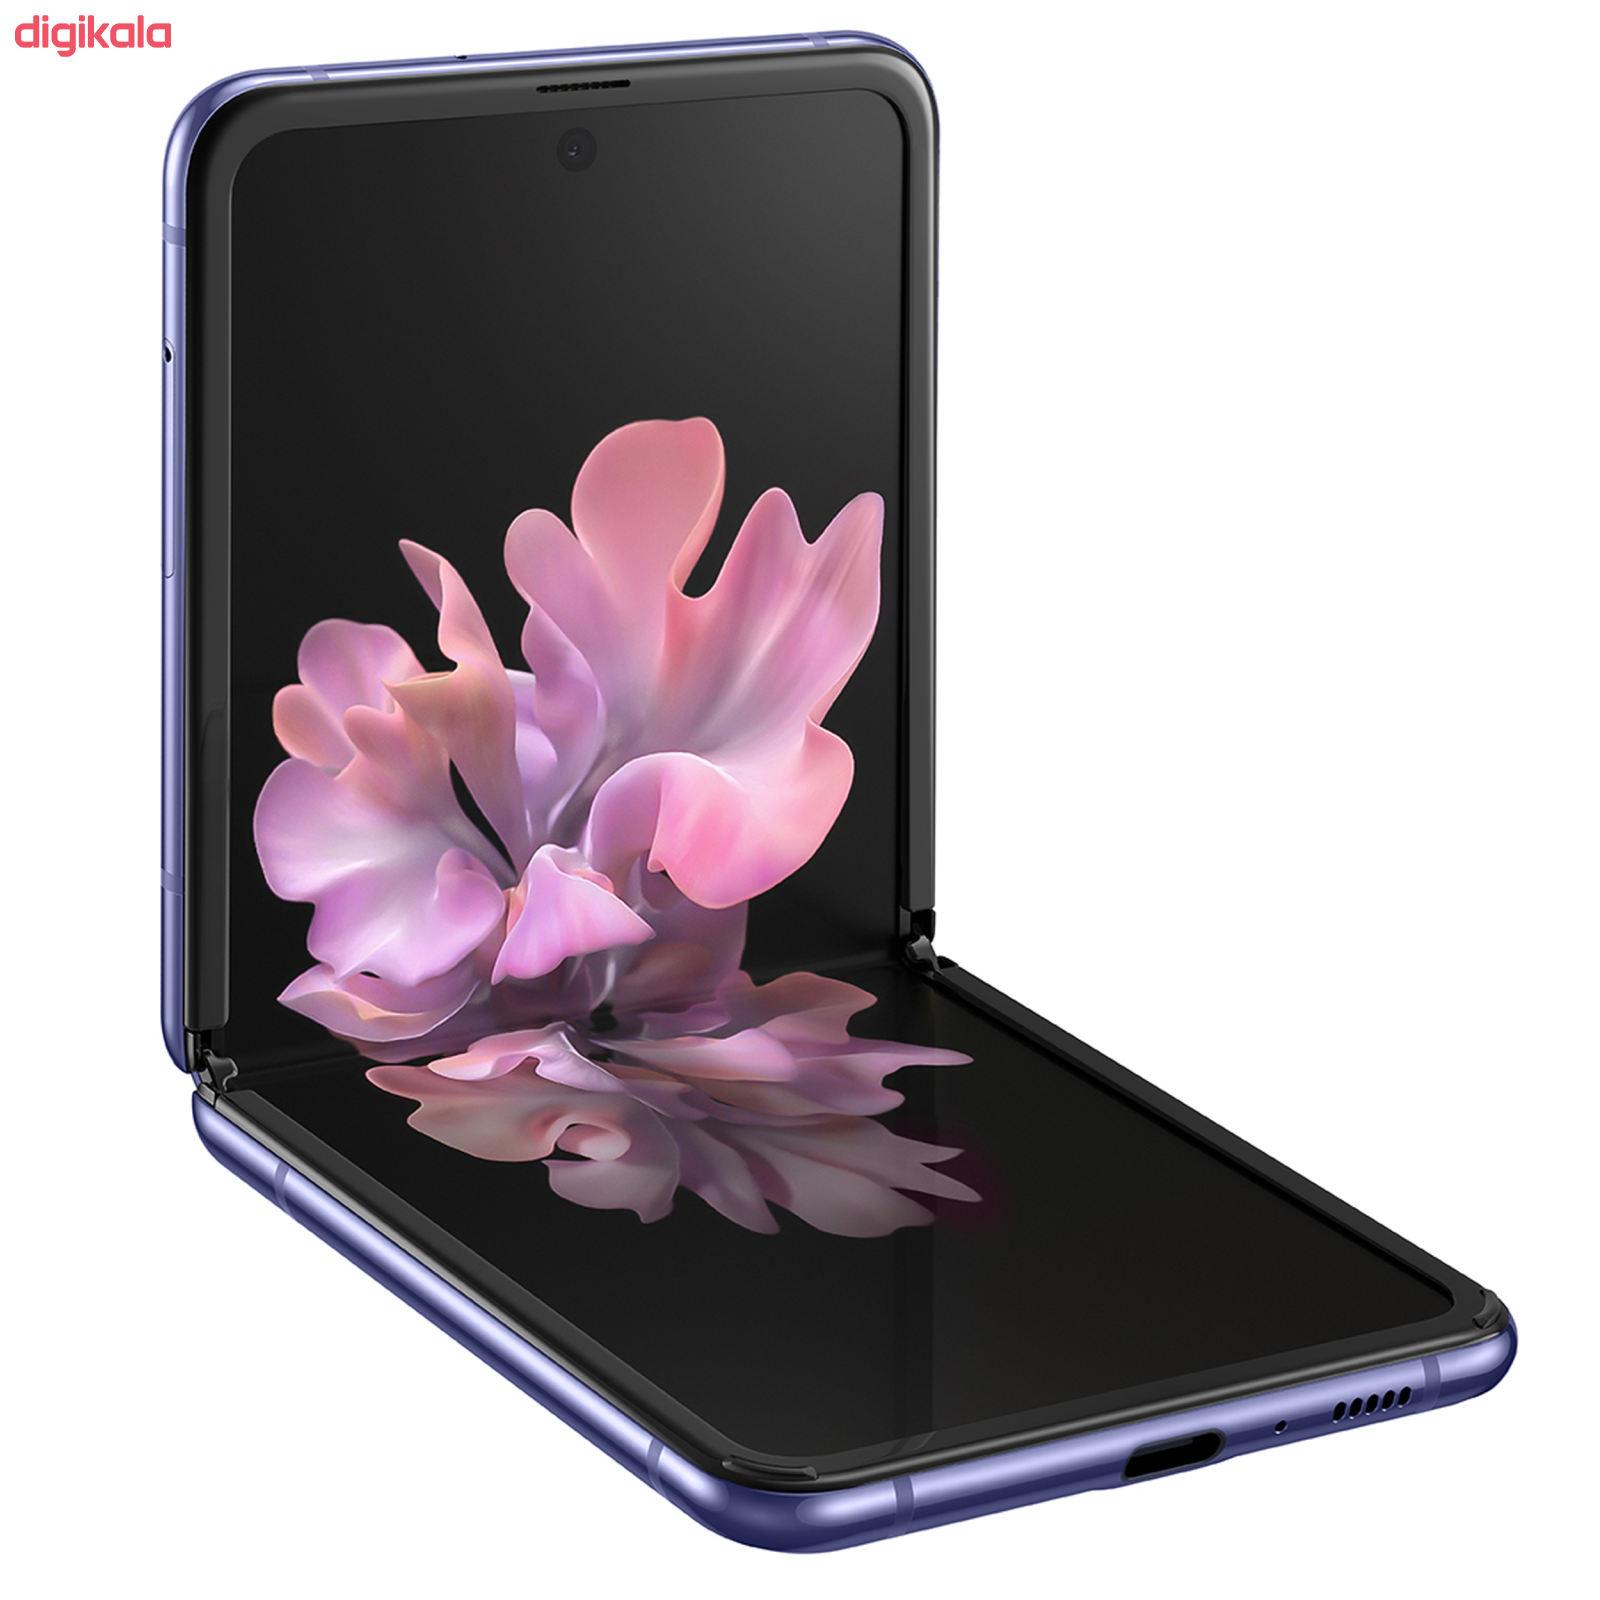 گوشی موبایل سامسونگ مدل Galaxy Z Flip SM-F700F/DS تک سیم کارت ظرفیت 256 گیگابایت main 1 1